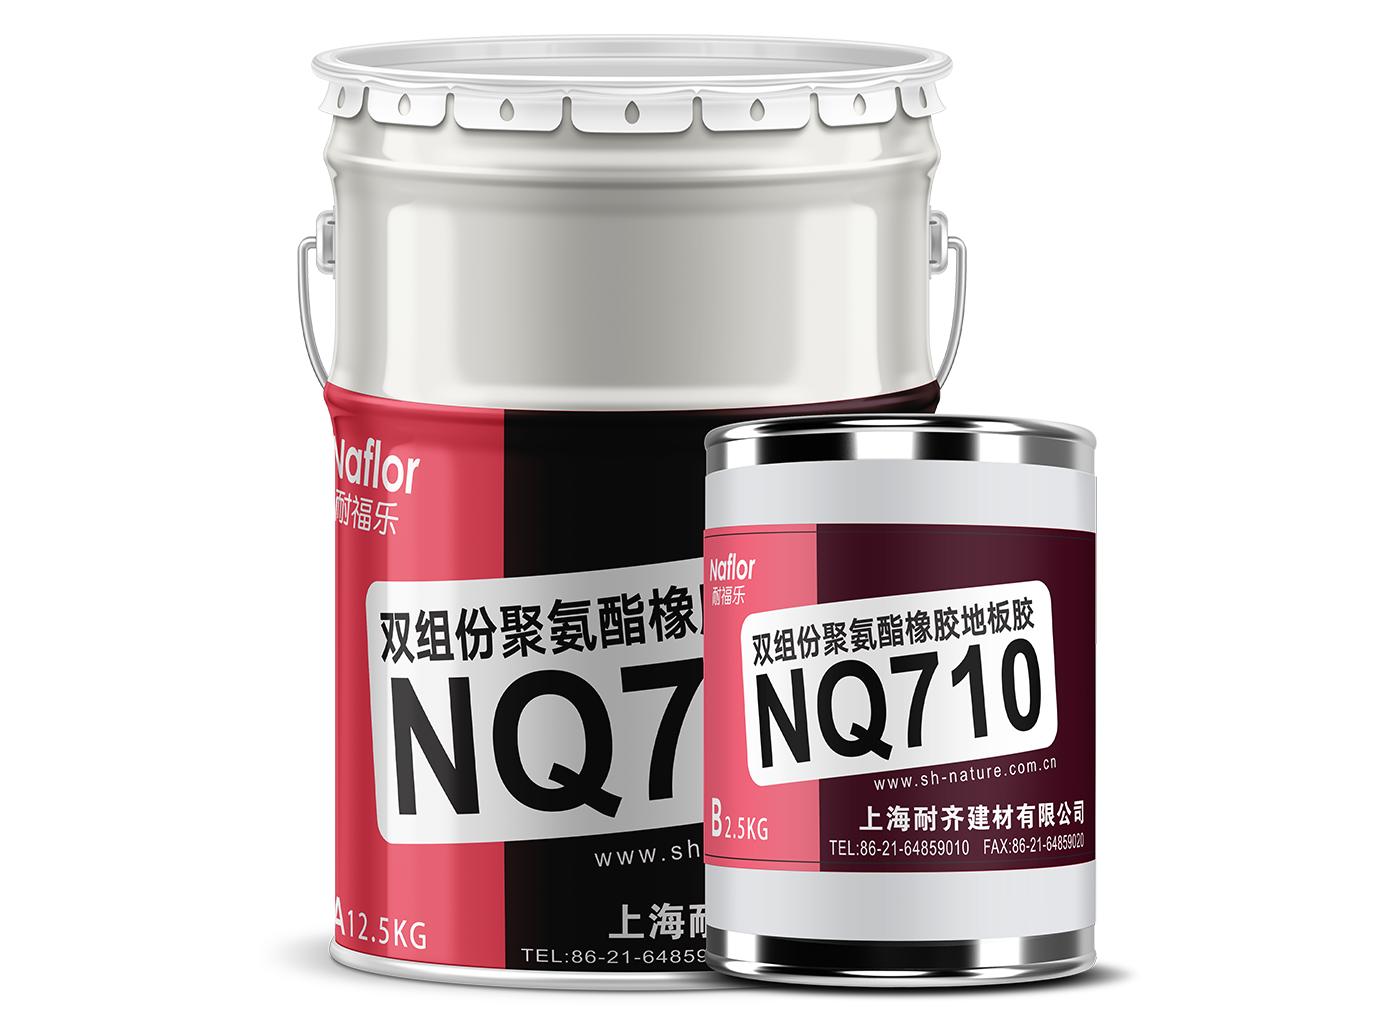 耐福乐®双组份聚氨酯橡胶地板胶 NQ710